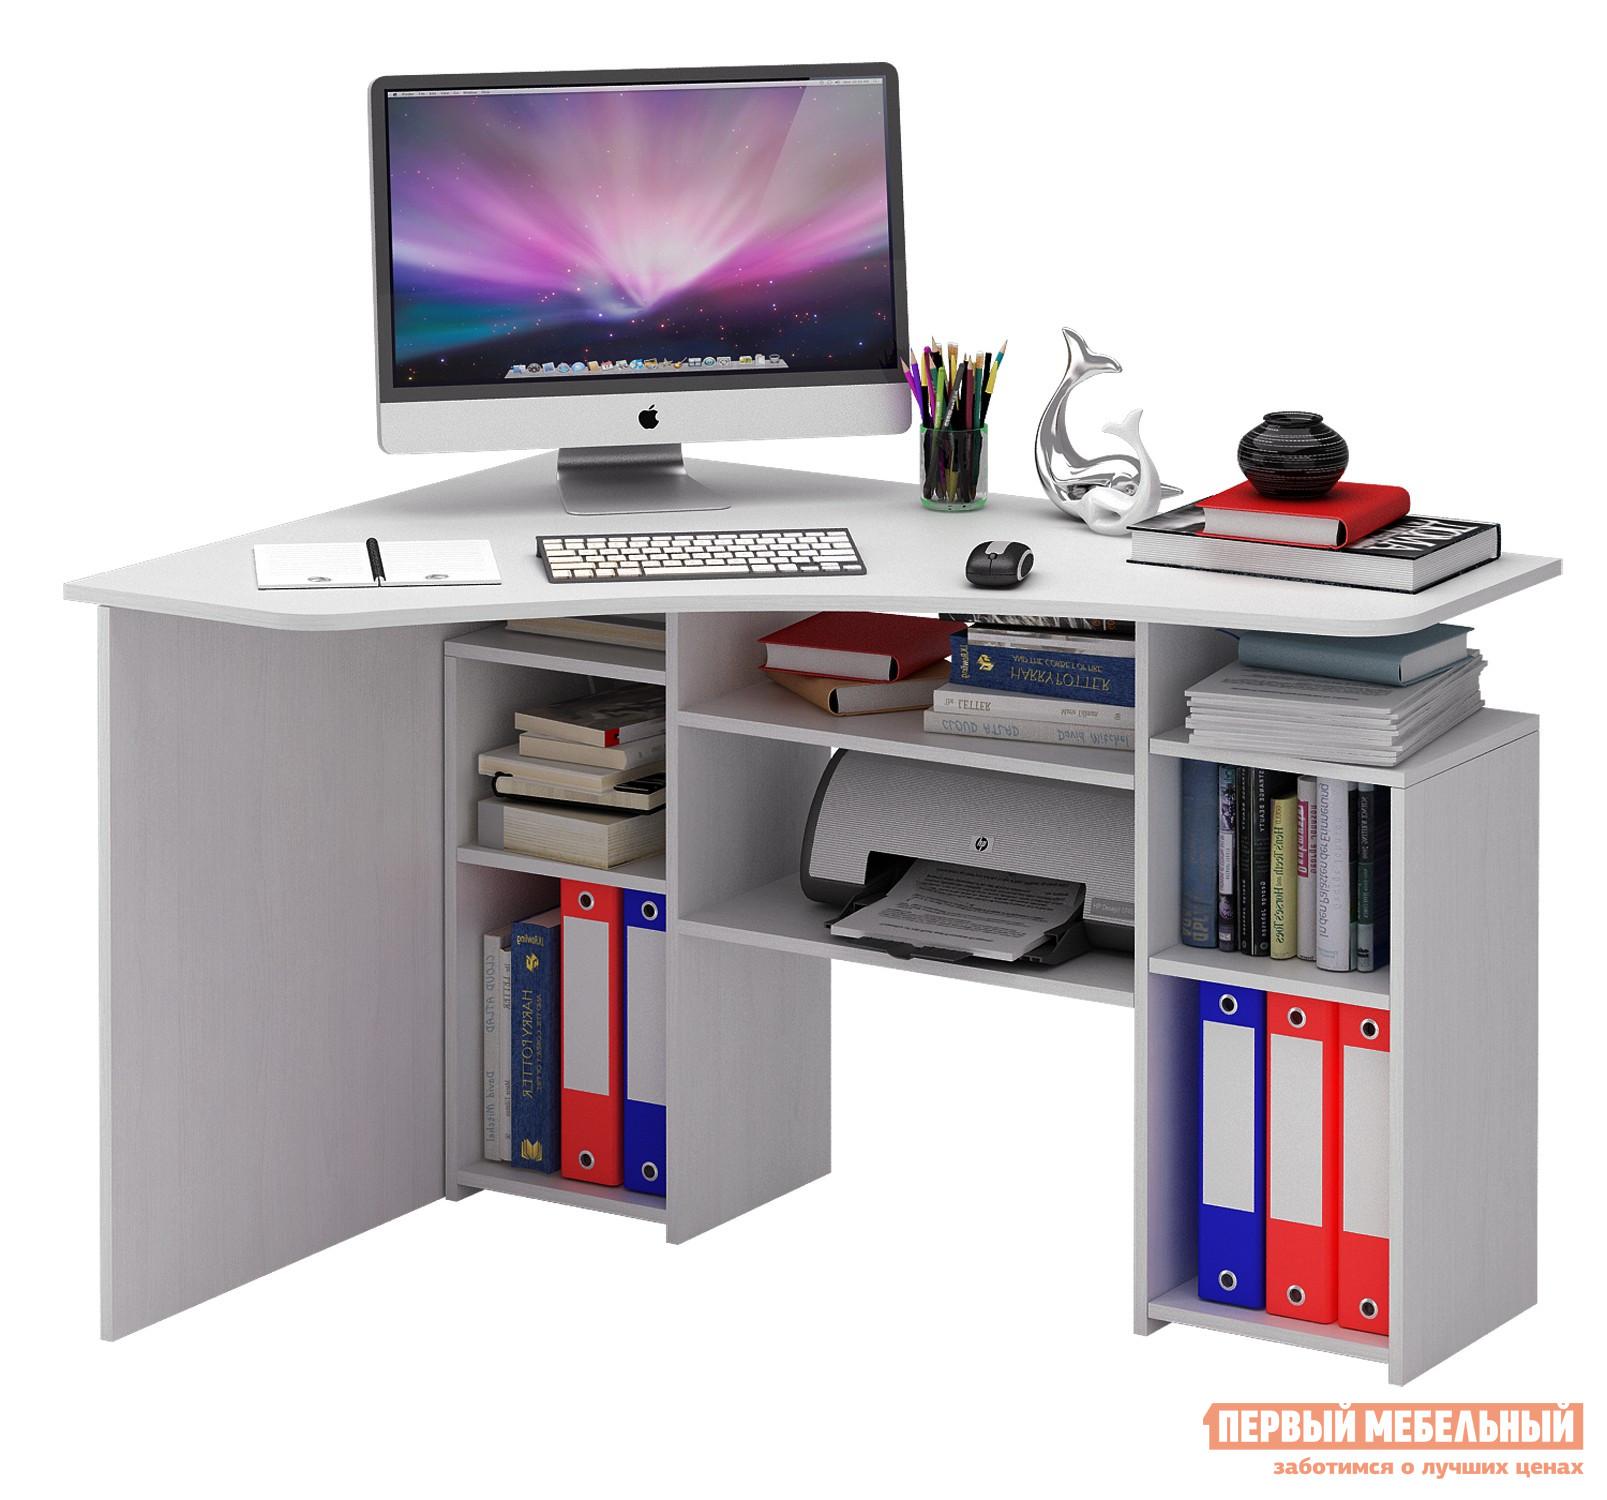 Компьютерный стол МФ Мастер Корнет-1 угловой компьютерный стол мф мастер корнет 1 угловой